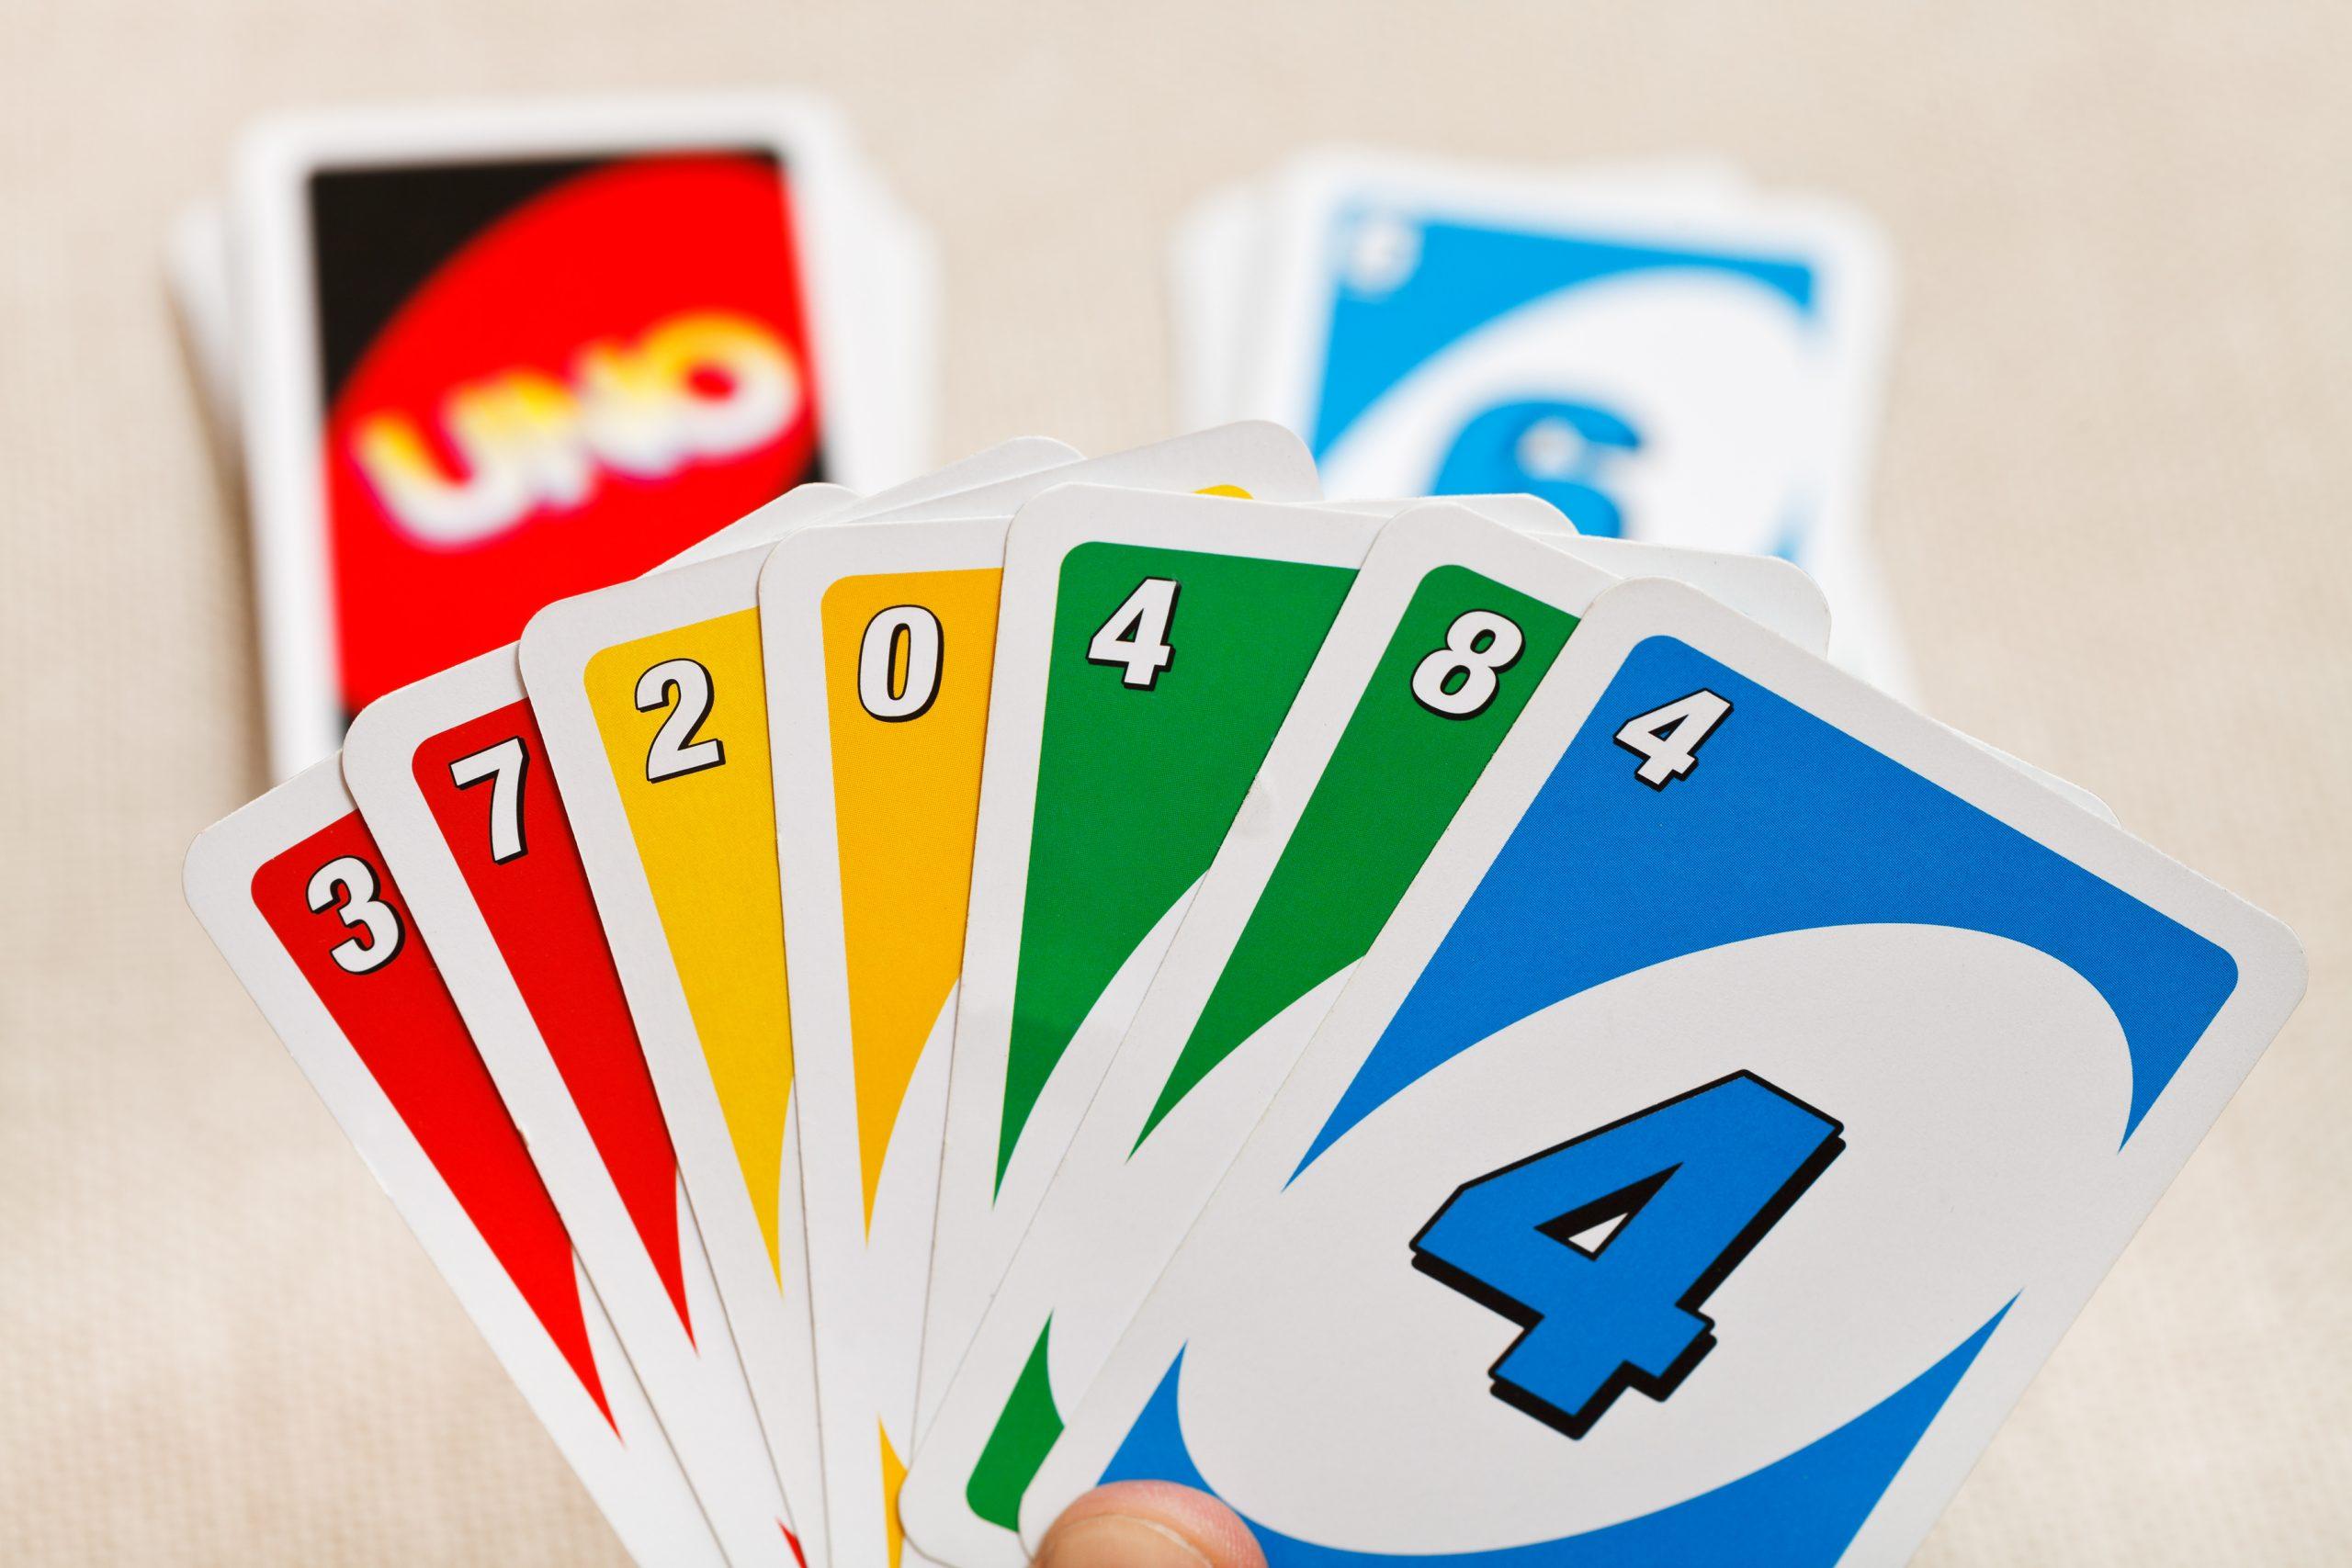 Juegos de cartas: ¿Cuál es el mejor del 2020?